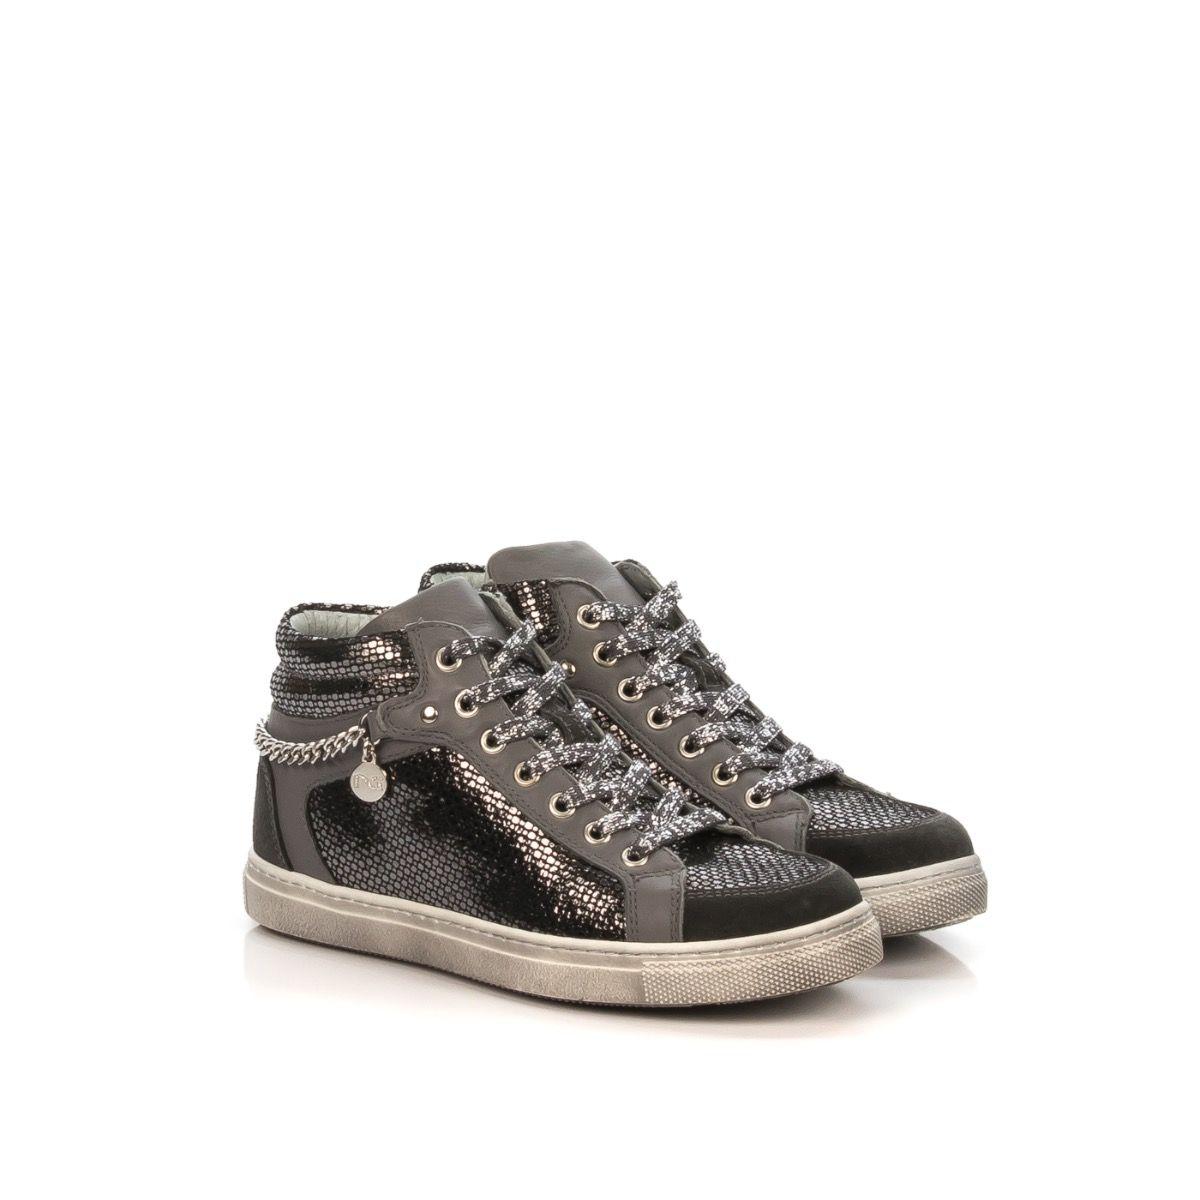 sports shoes 23da1 afc99 NERO GIARDINI 32490F 137 SNEAKER MID BAMBINA PELLE STAMPA ARGENTO RETTILE